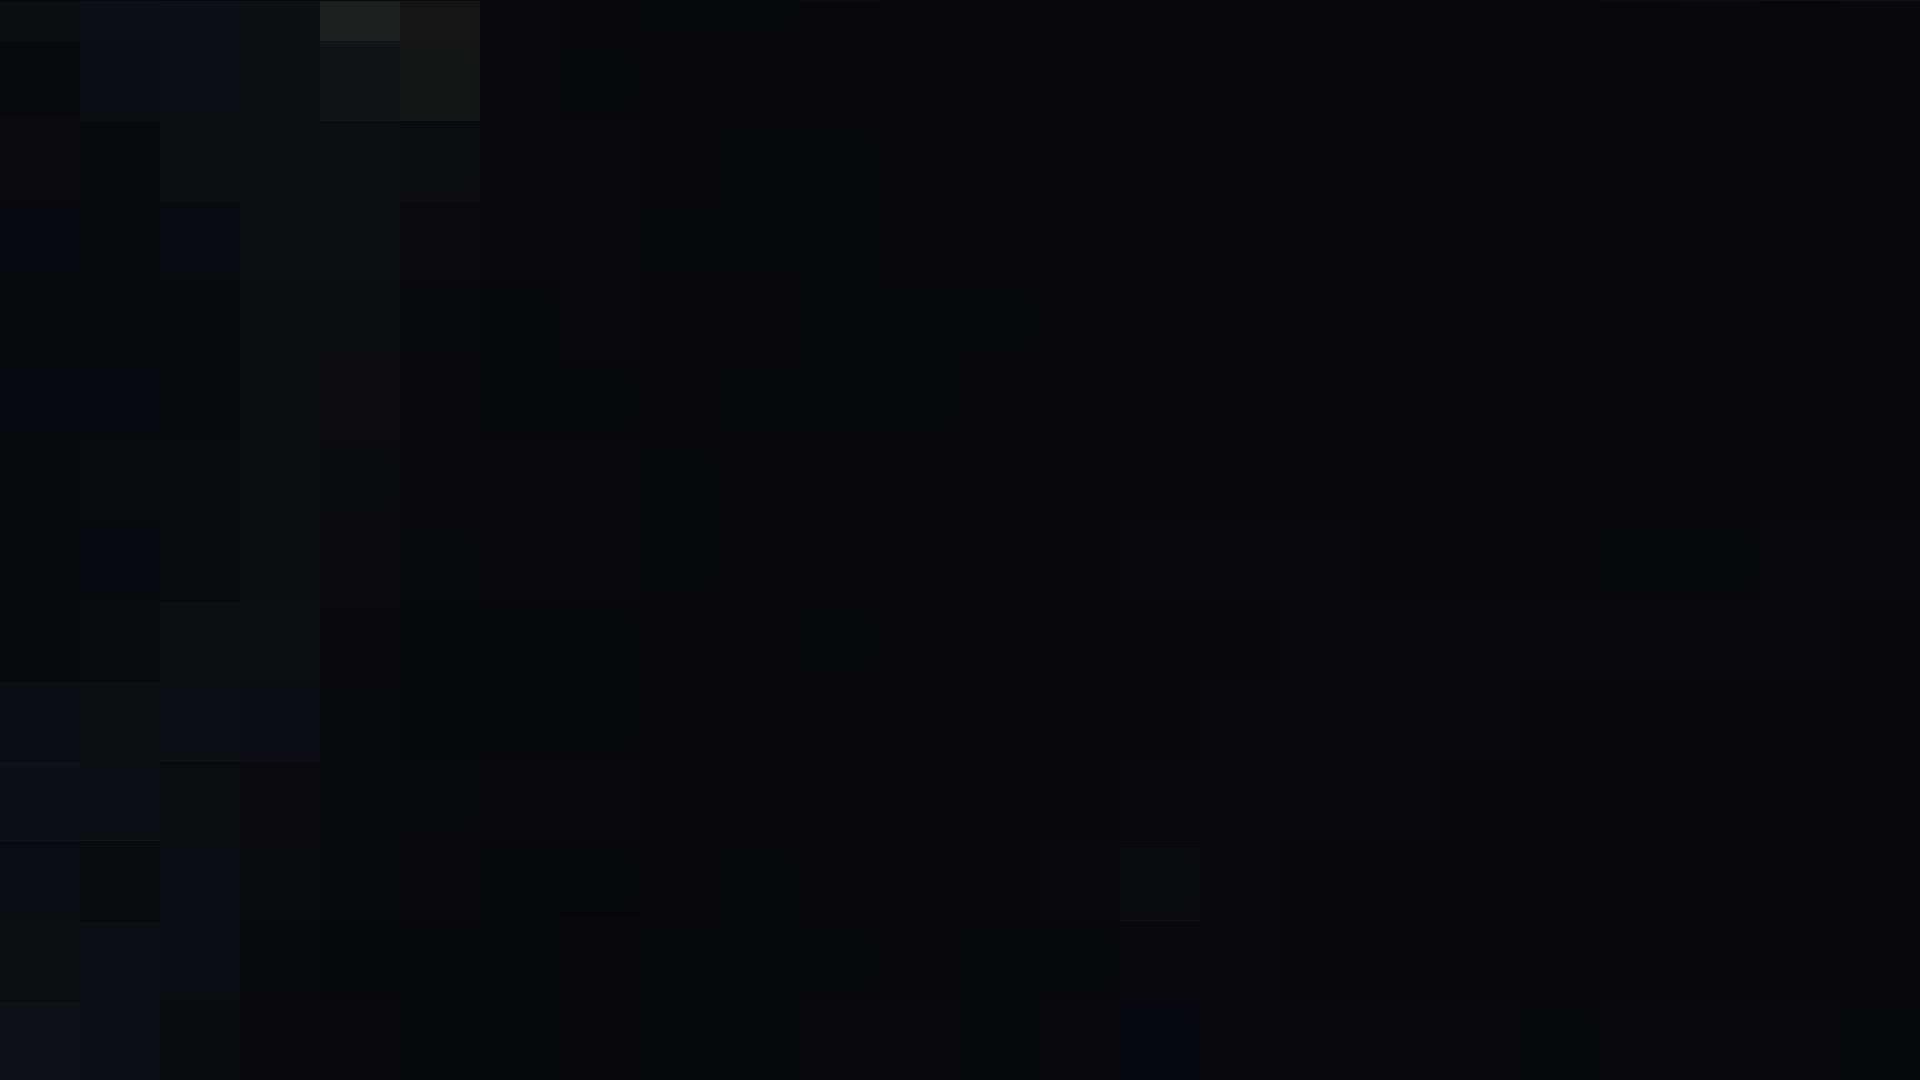 世界の射窓から vol.37 高画質 オメコ無修正動画無料 74画像 11